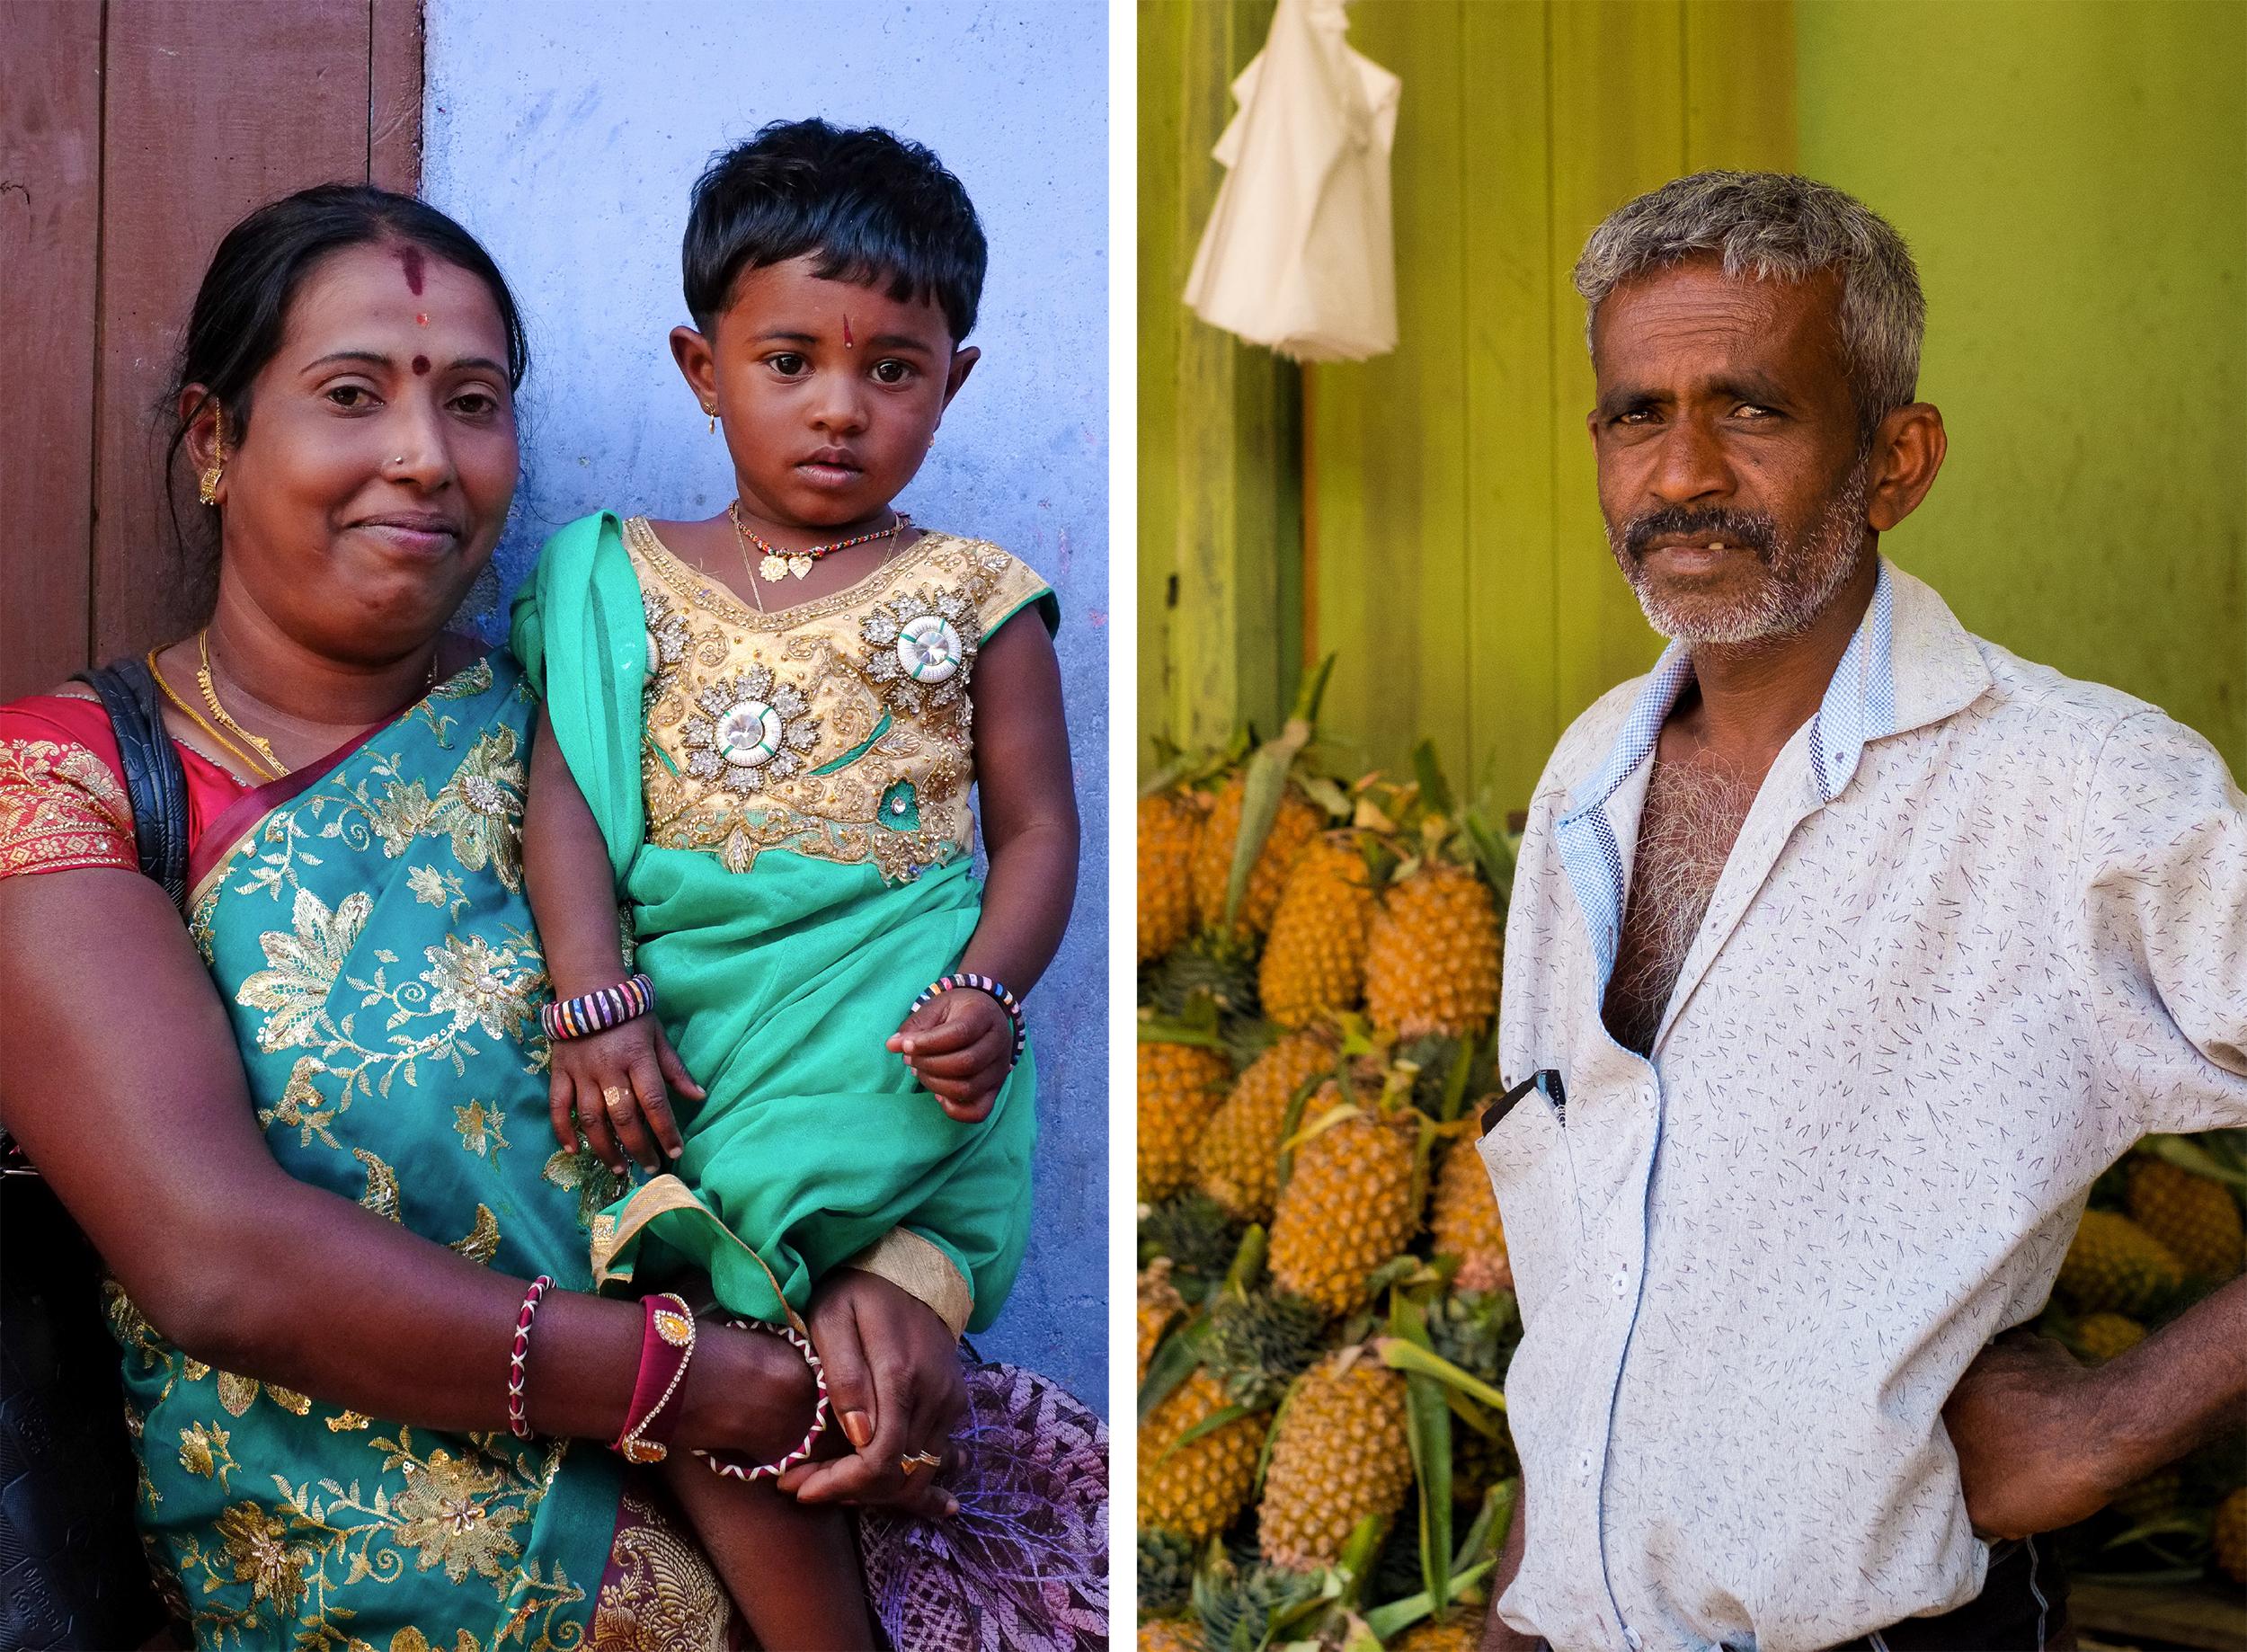 Street life in Sri Lanka